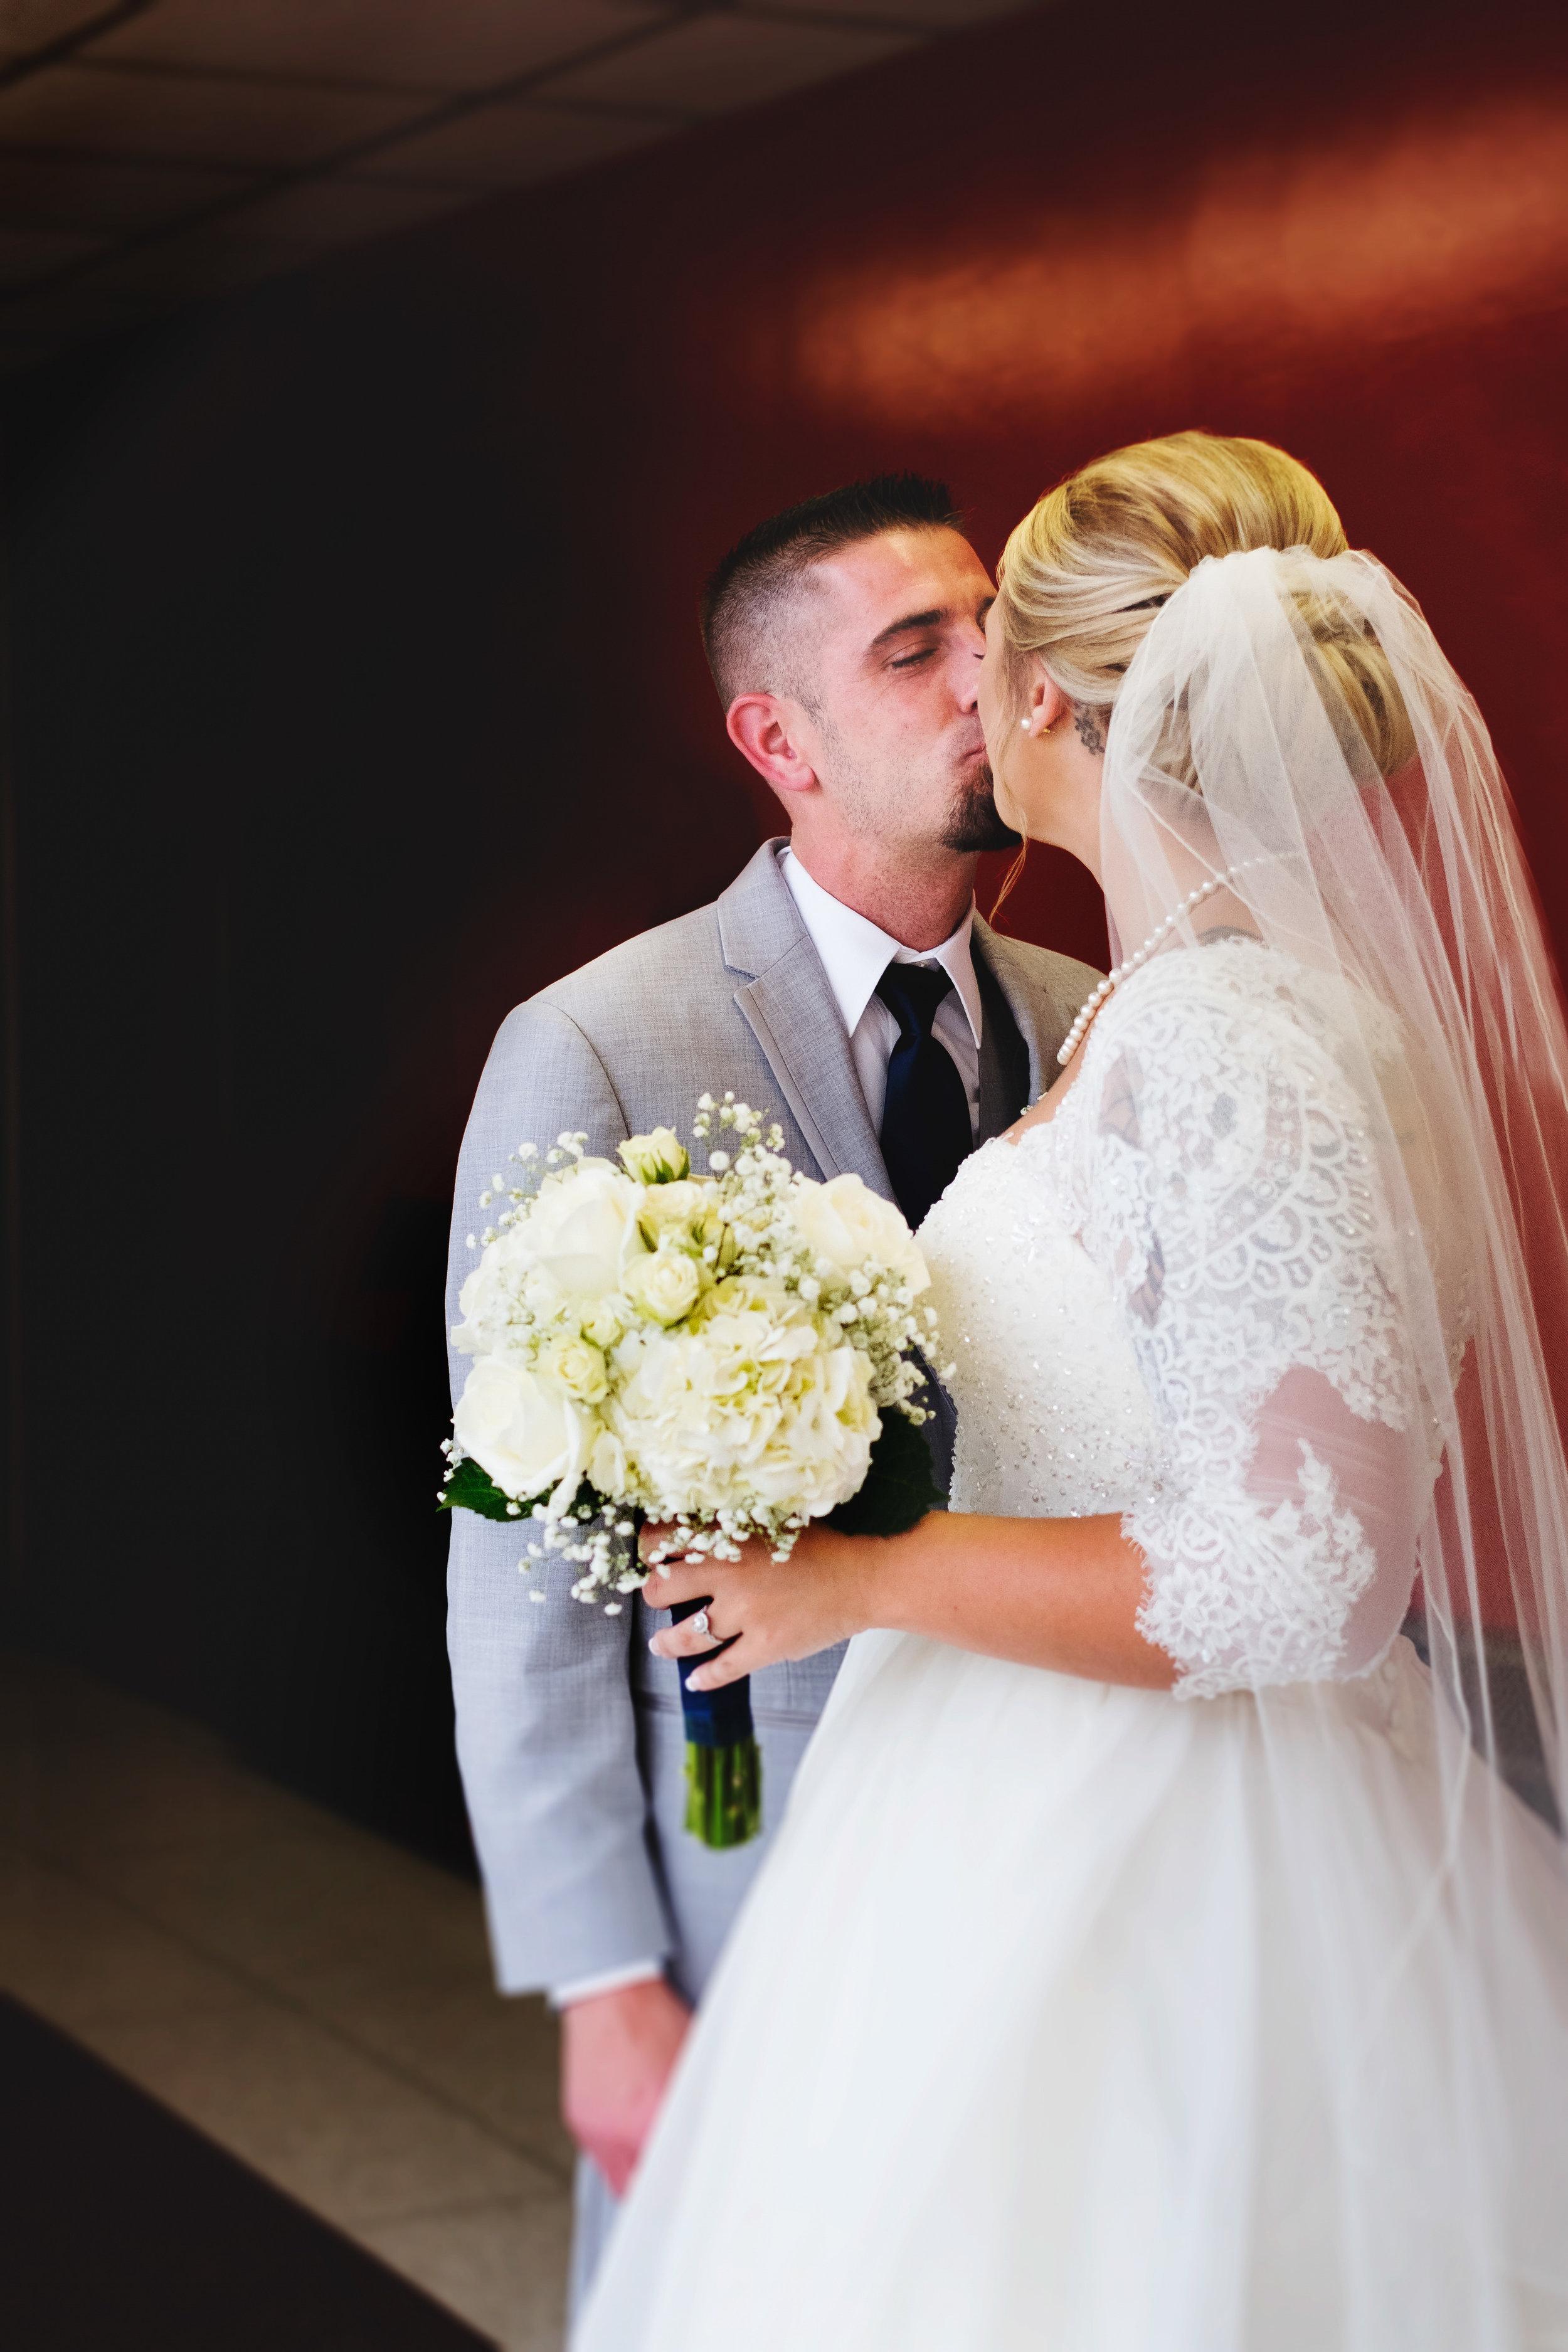 King-Northern-Illinois-University-Wedding035.jpg